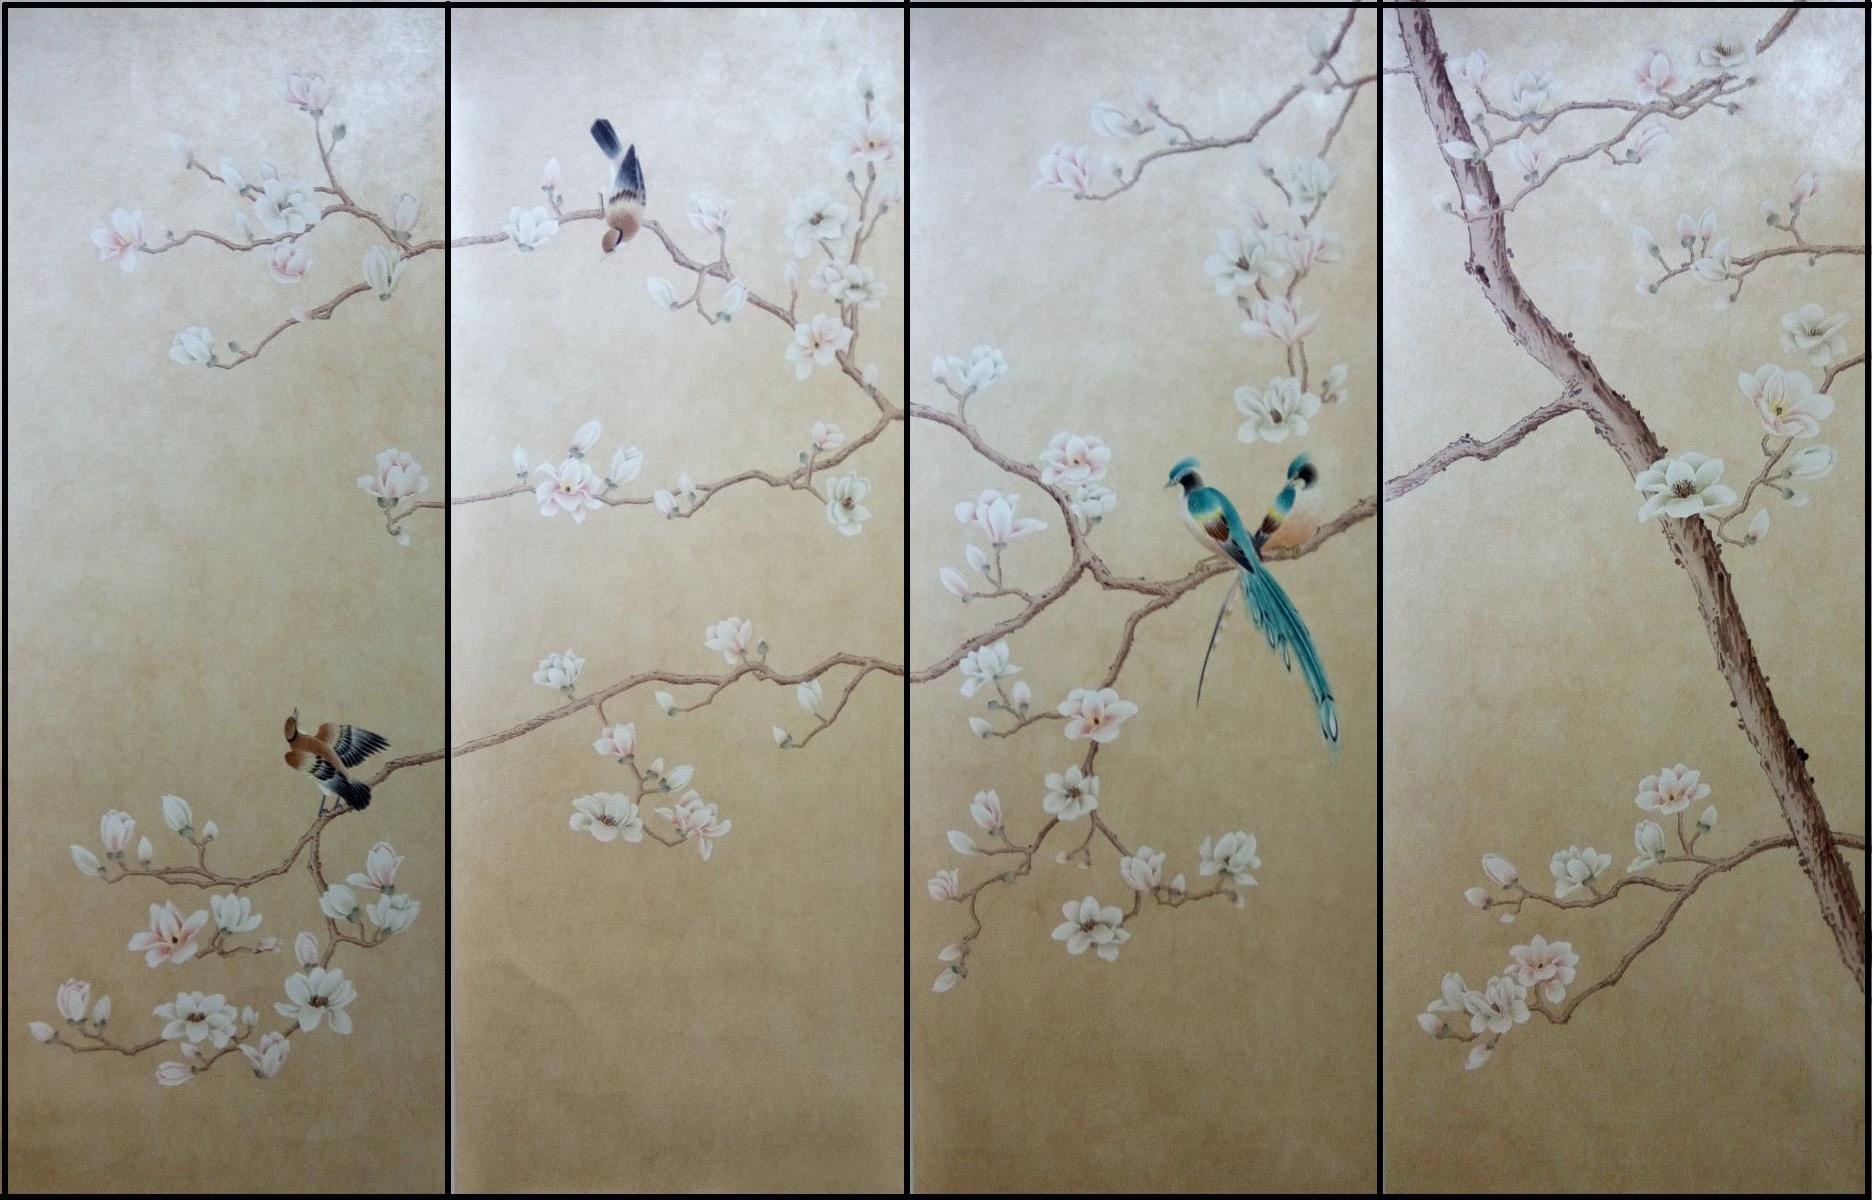 中式真丝手绘墙纸壁画 丝绸玉兰花鸟壁纸 珍珠金底纹